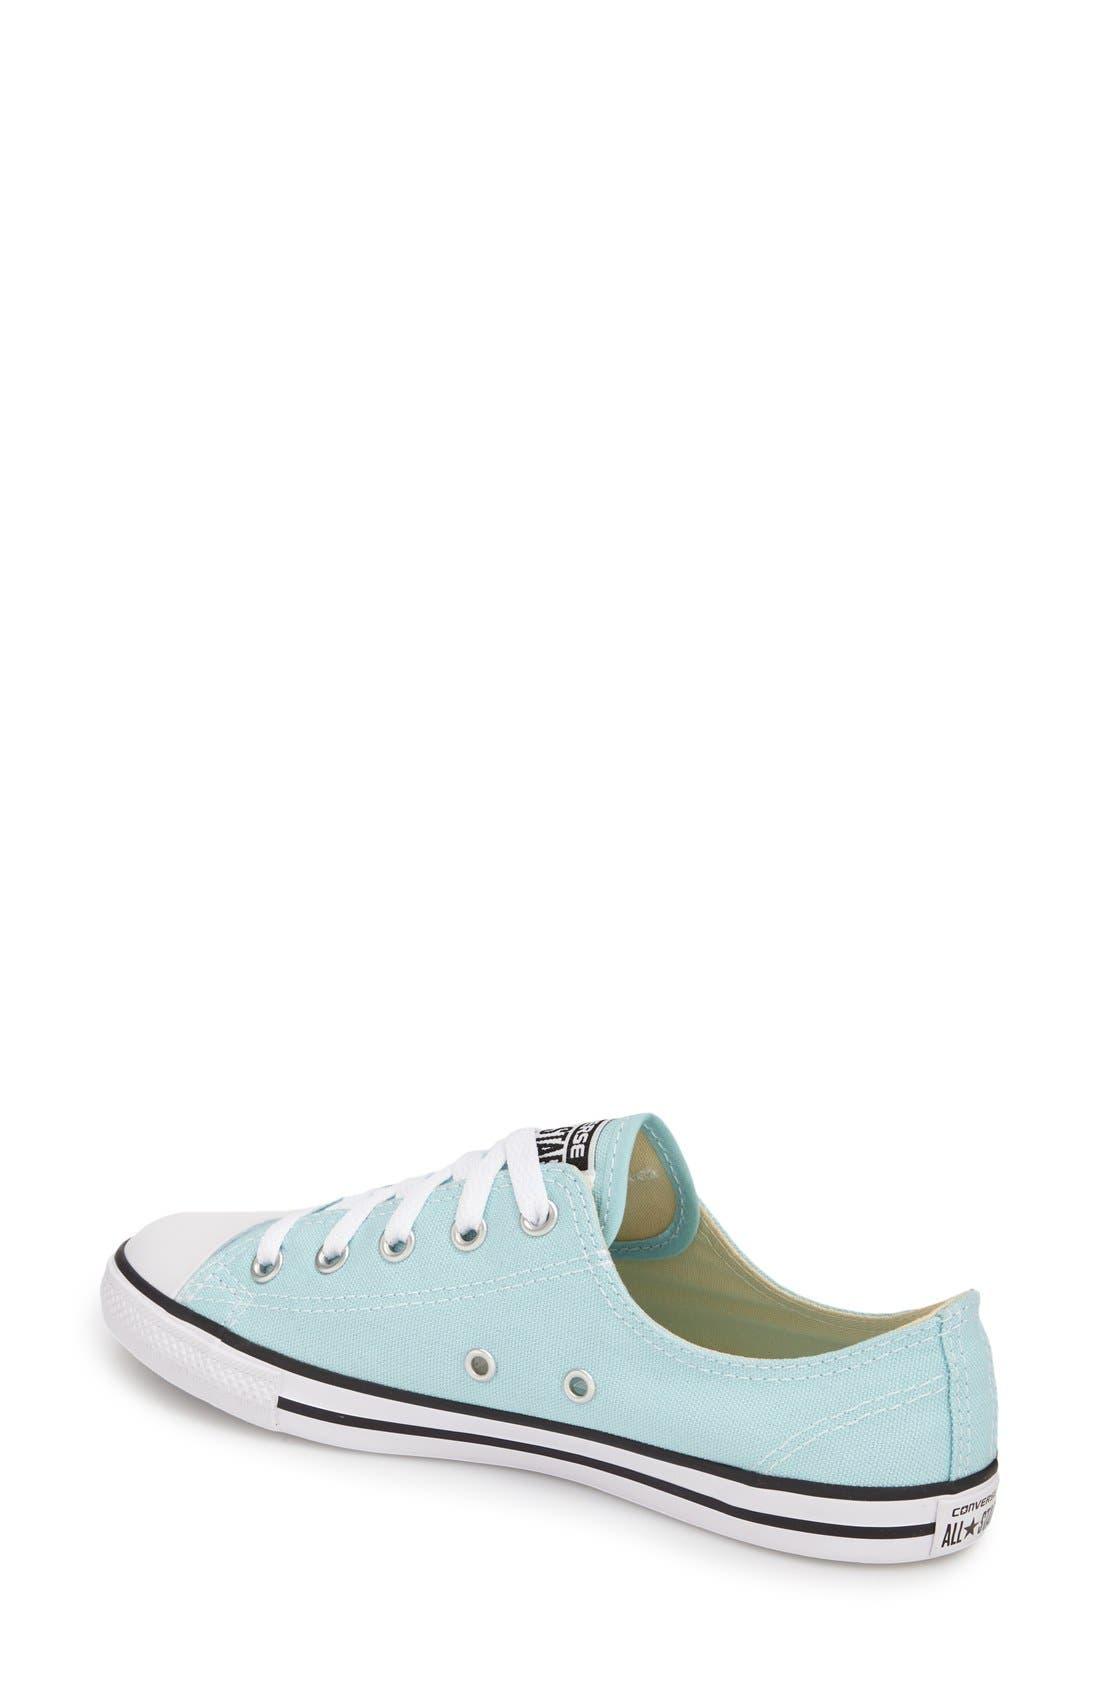 Alternate Image 2  - Converse 'Seasonal Dainty' Chuck Taylor® All Star® Low Top Sneaker (Women)